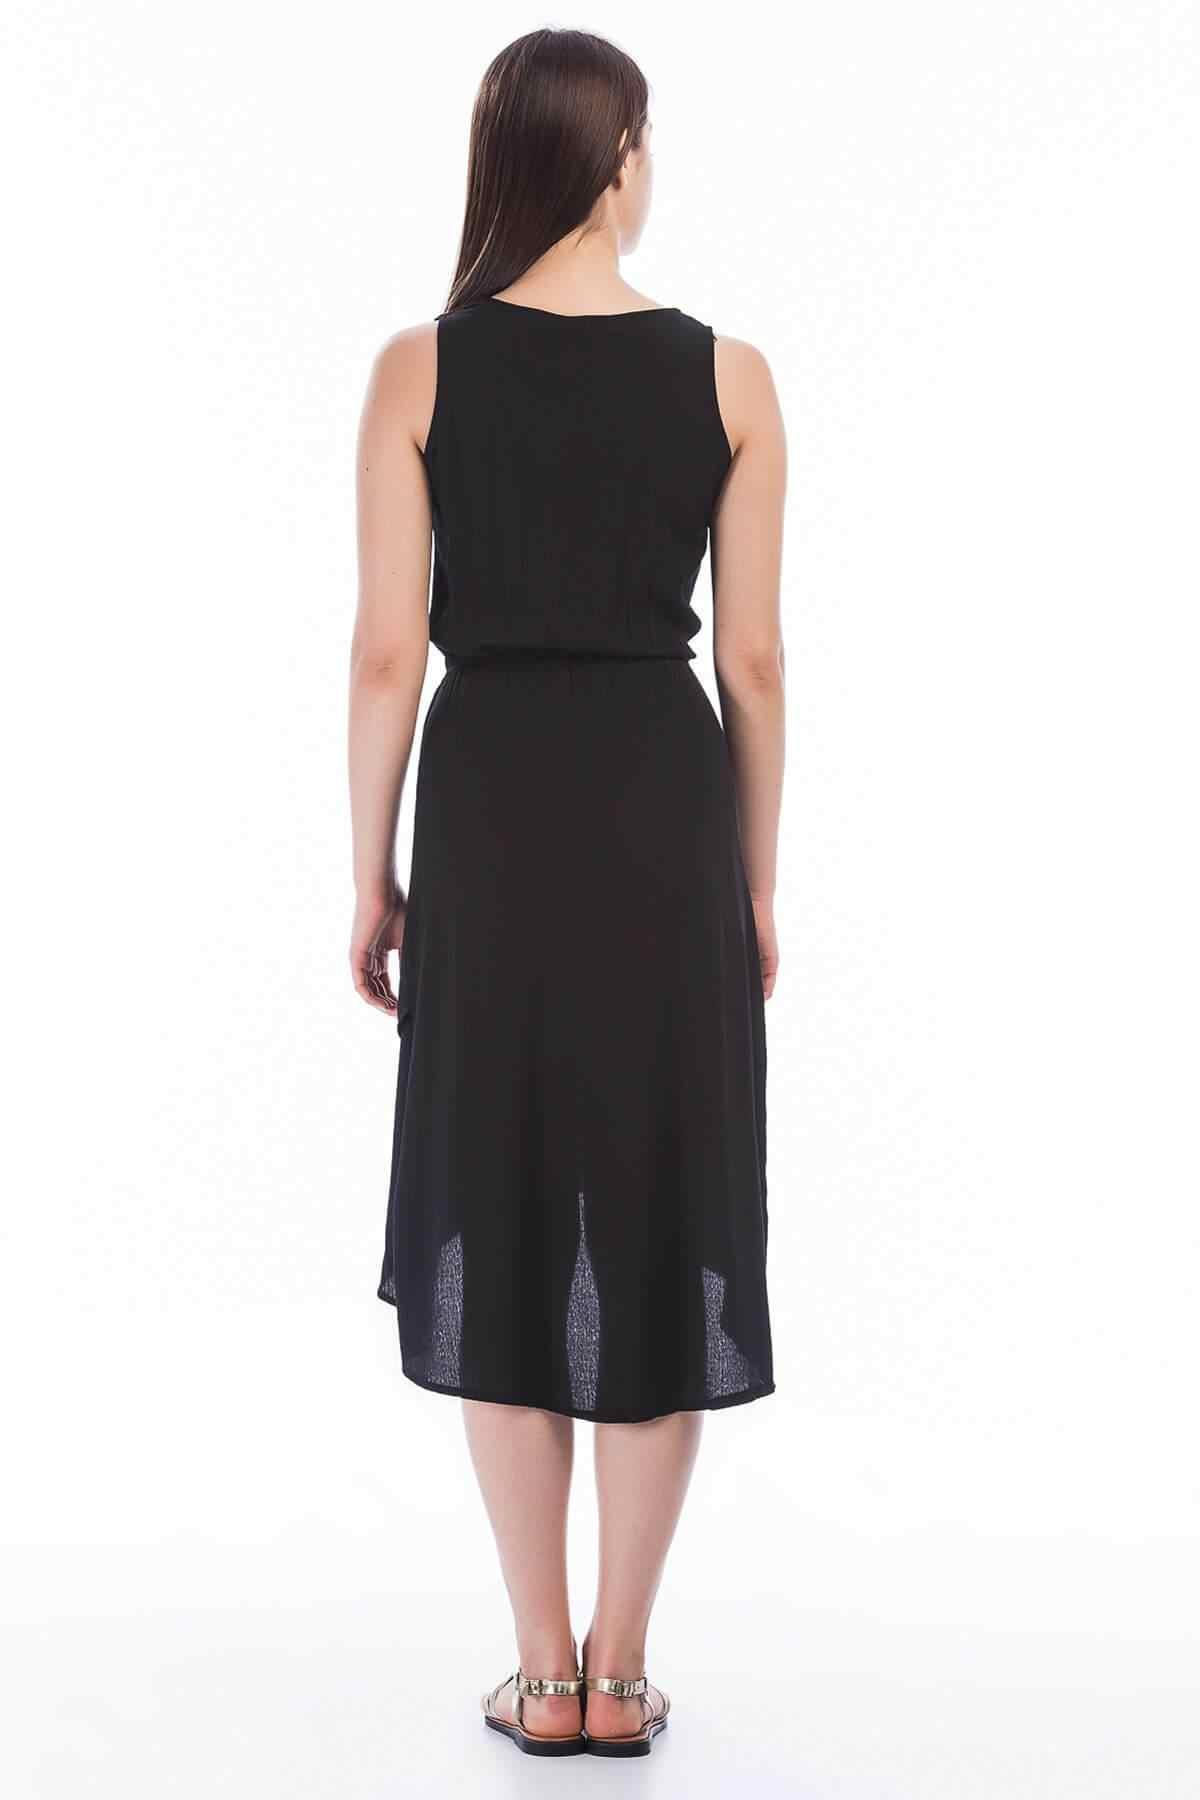 Coton humeur femmes noir tissu jupe avant Double boutonnage sans manches robe 8282690